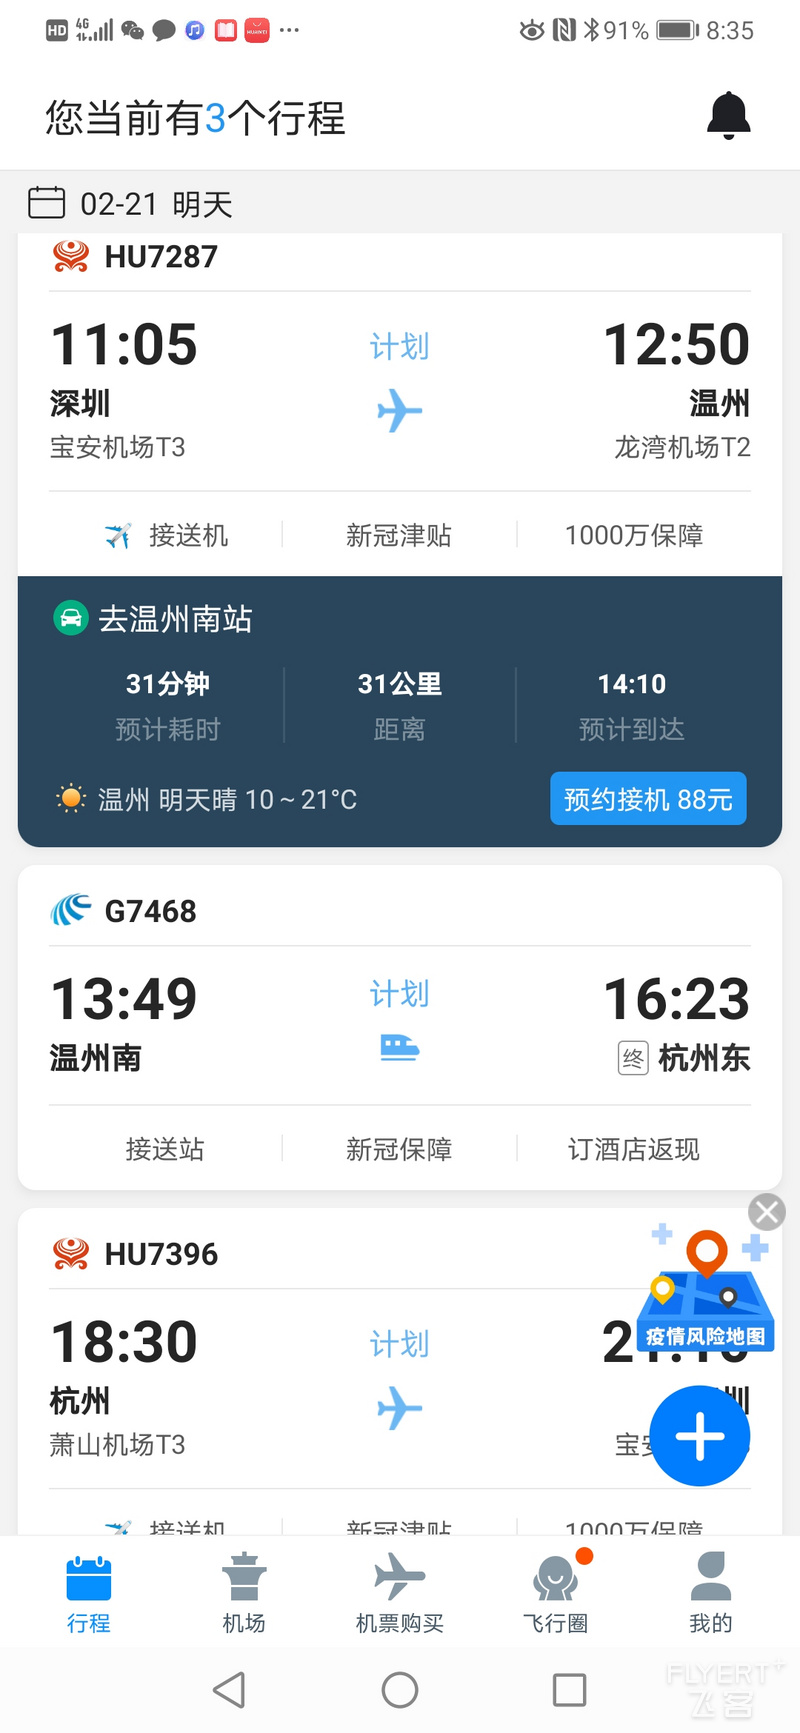 Screenshot_20210220_203519_vz.com.jpg